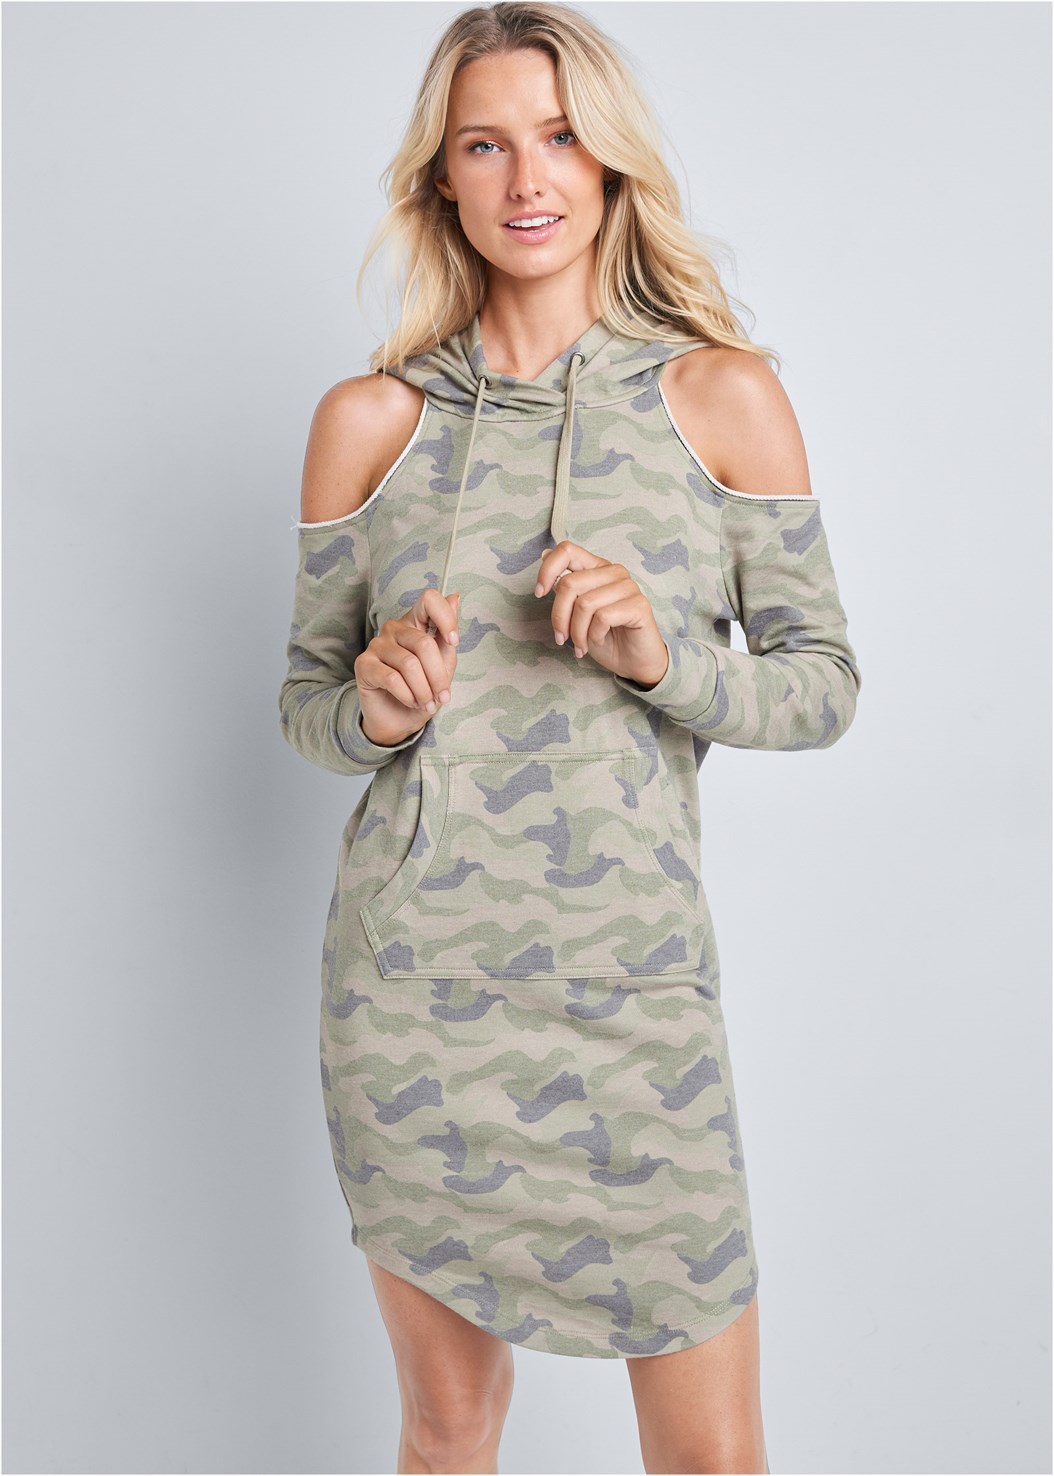 Cold Shoulder Lounge Dress,Seamless Lace Comfort Bra,Embellished Striped Sneaker